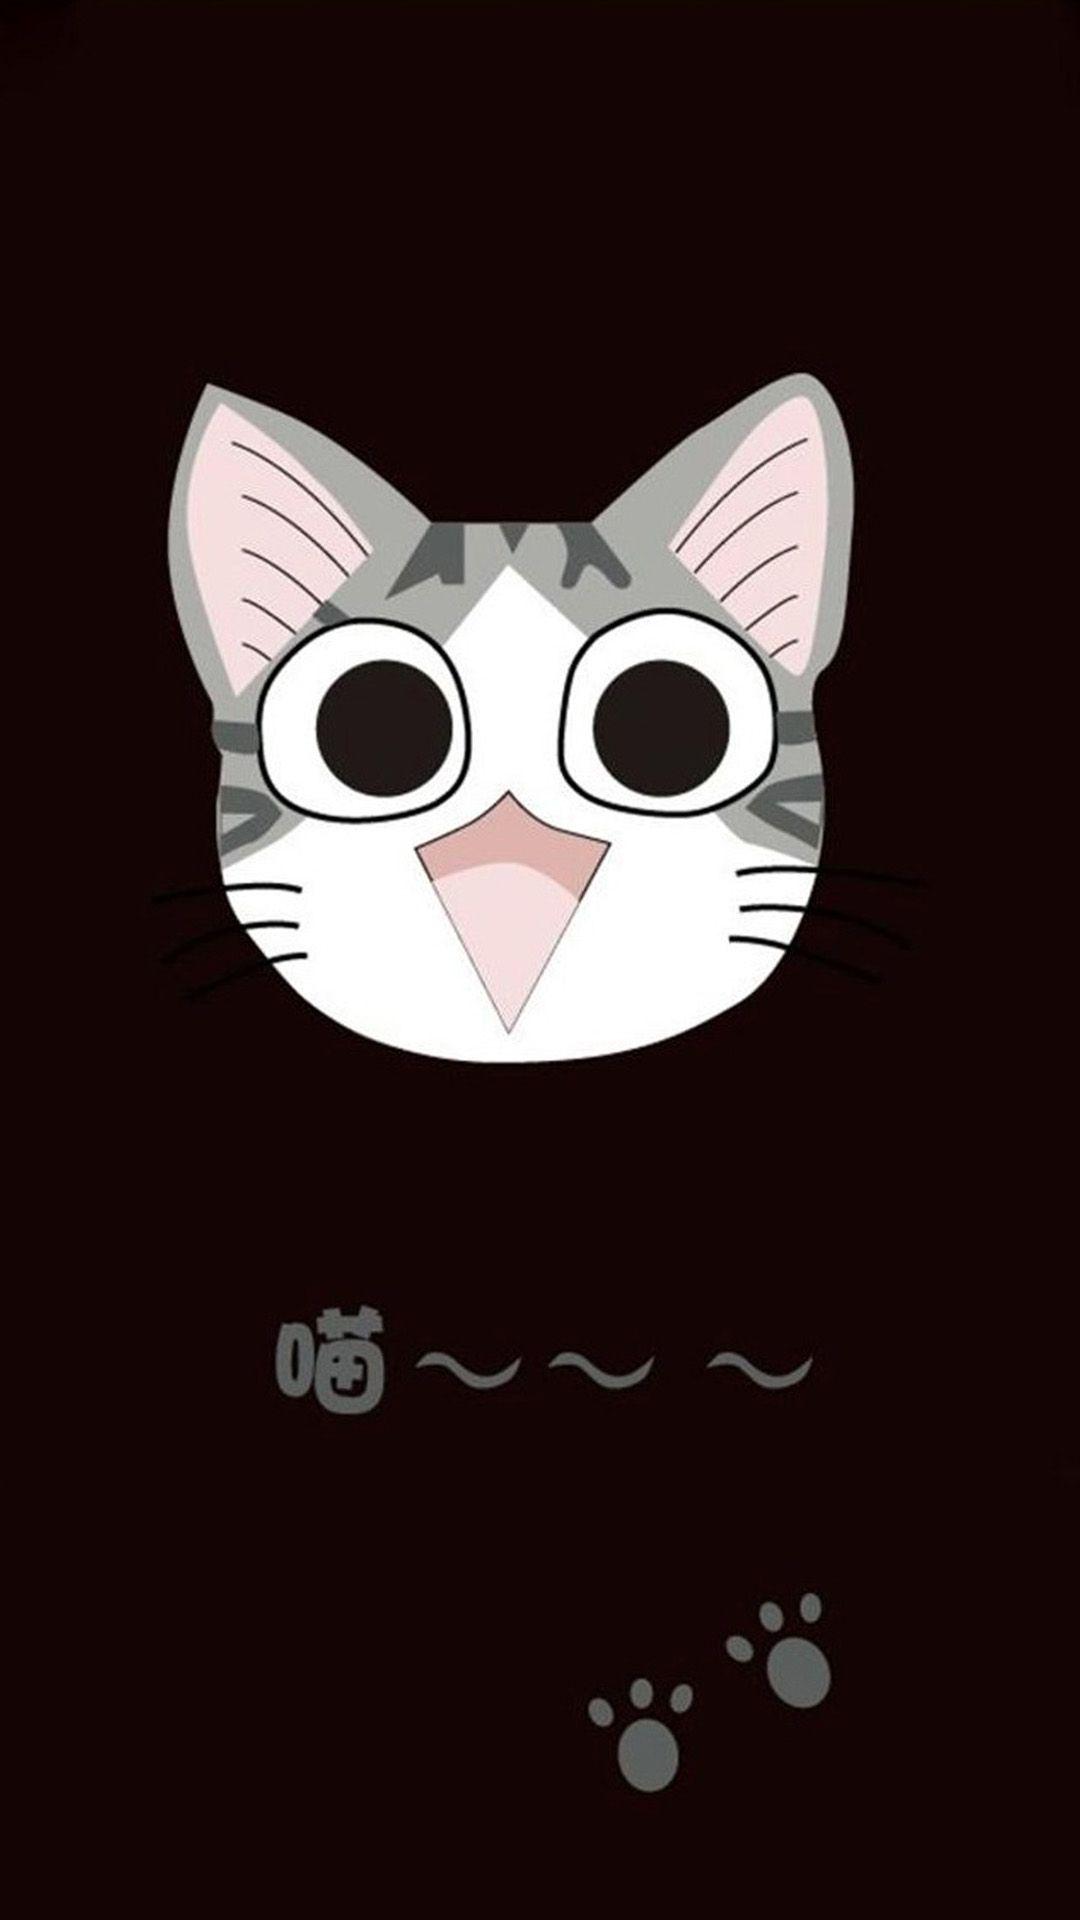 Cute Cartoon Cat Wallpaper Wallpapersafari En 2019 Gatos